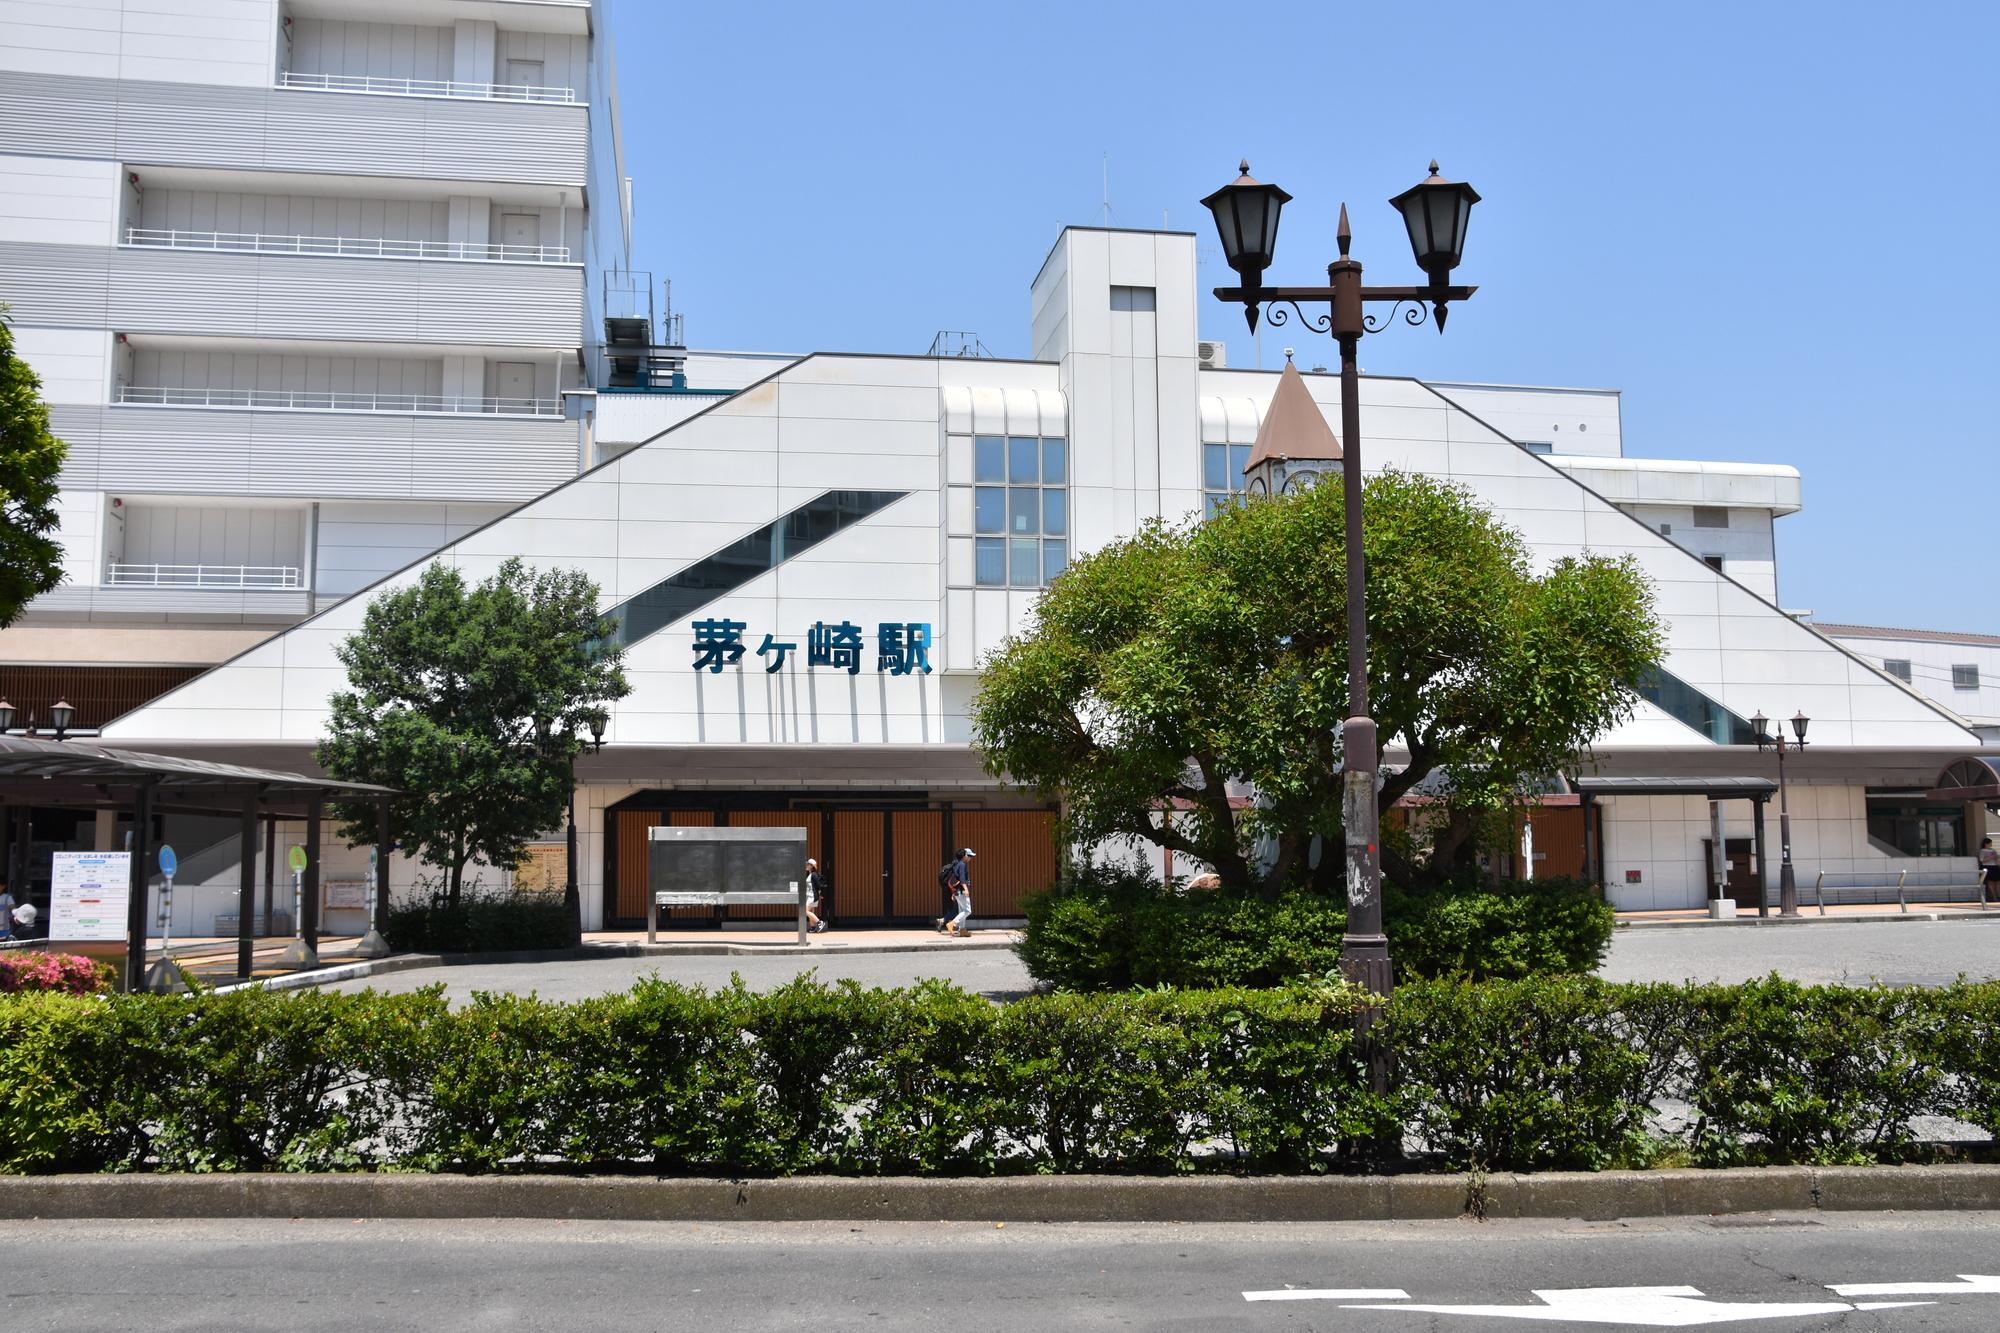 日曜に通院したい方へ!茅ヶ崎駅の歯医者さん、おすすめポイント紹介